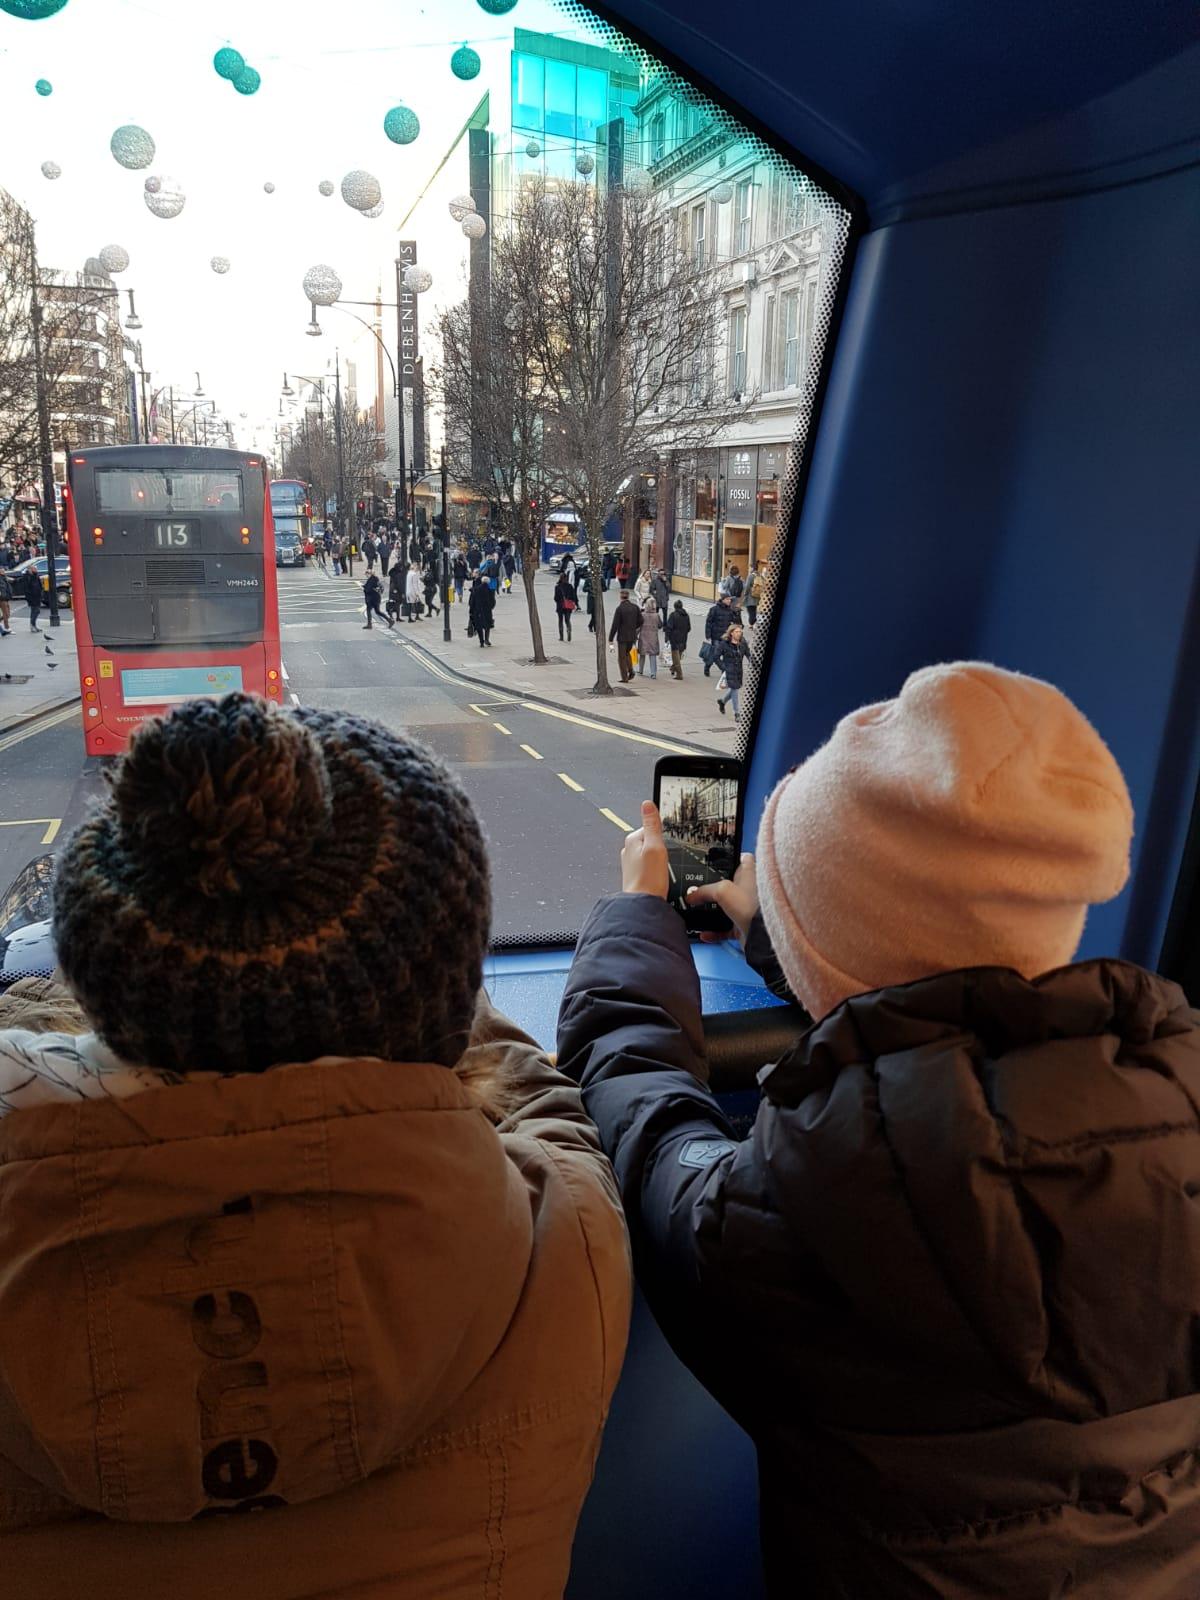 London mit Kindern erleben günstig